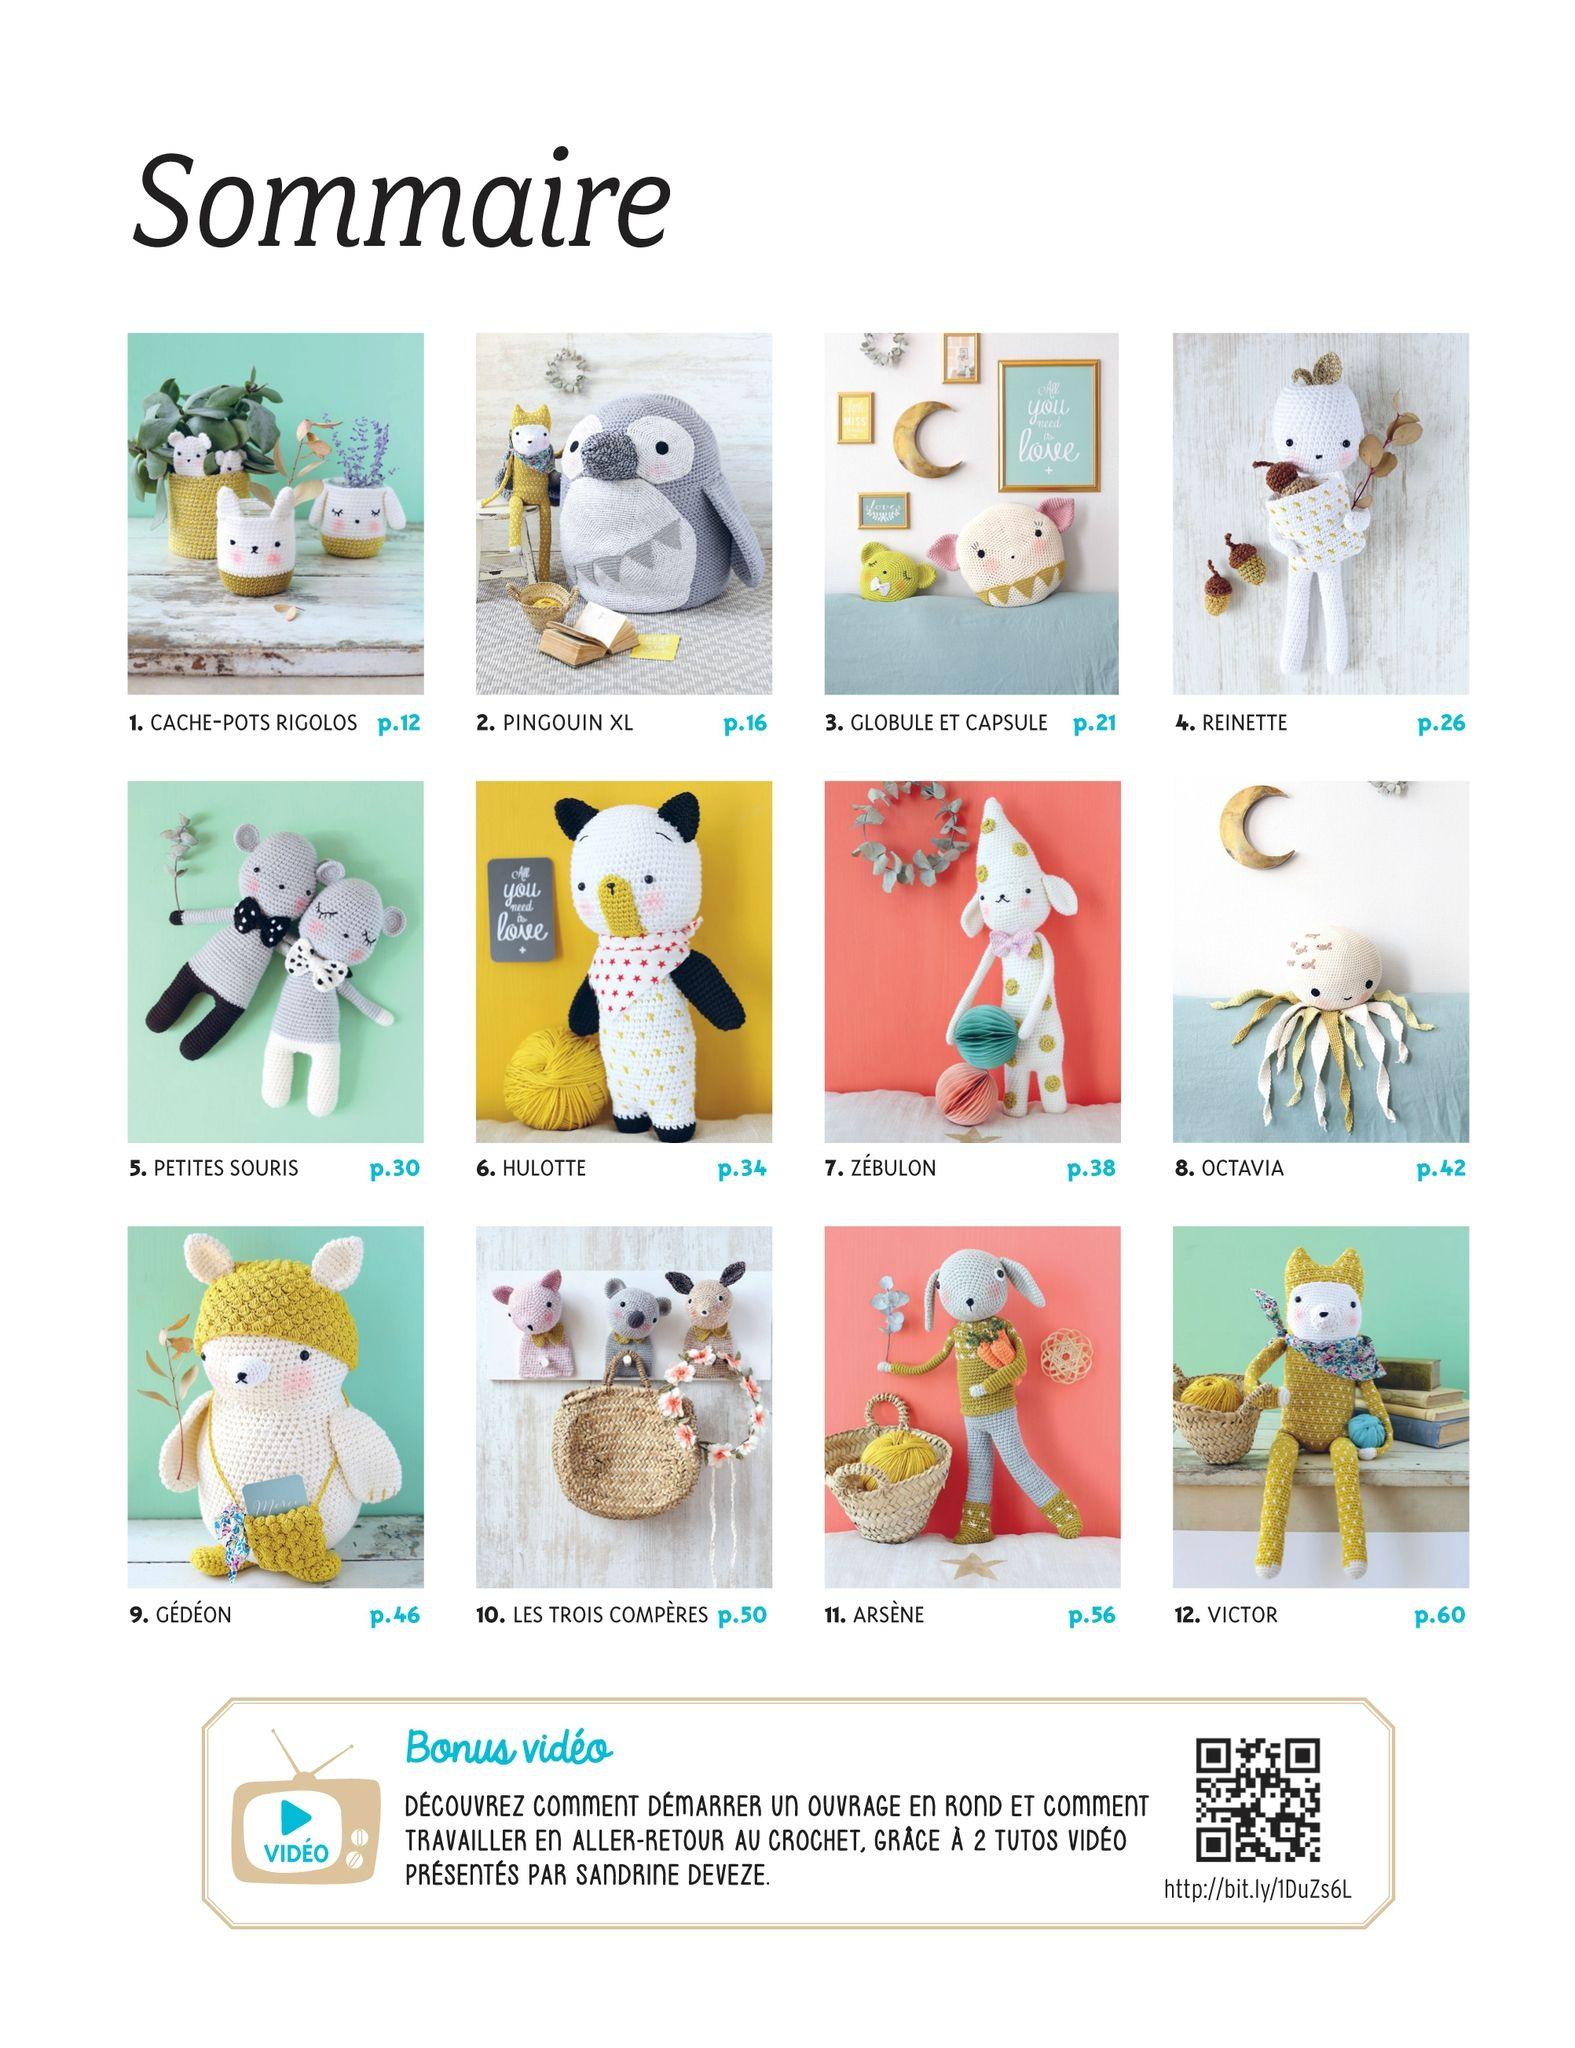 Tendre crochet Tome 2 - Tournicote...à cloche-pied | For Kids ...